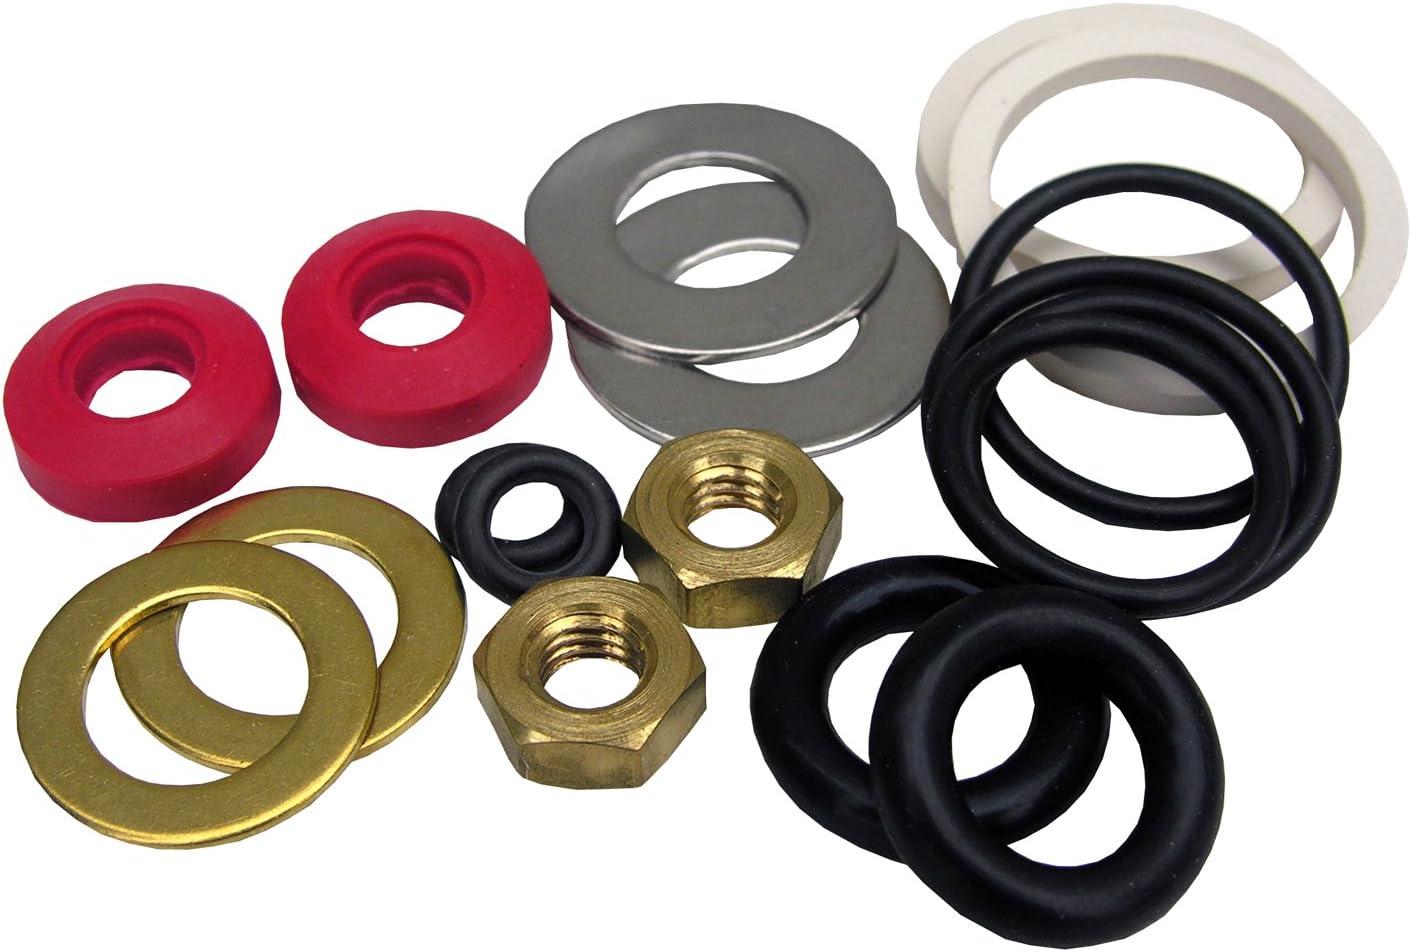 LASCO 0-1005 Dial EZ Faucet Repair Kit for Crane